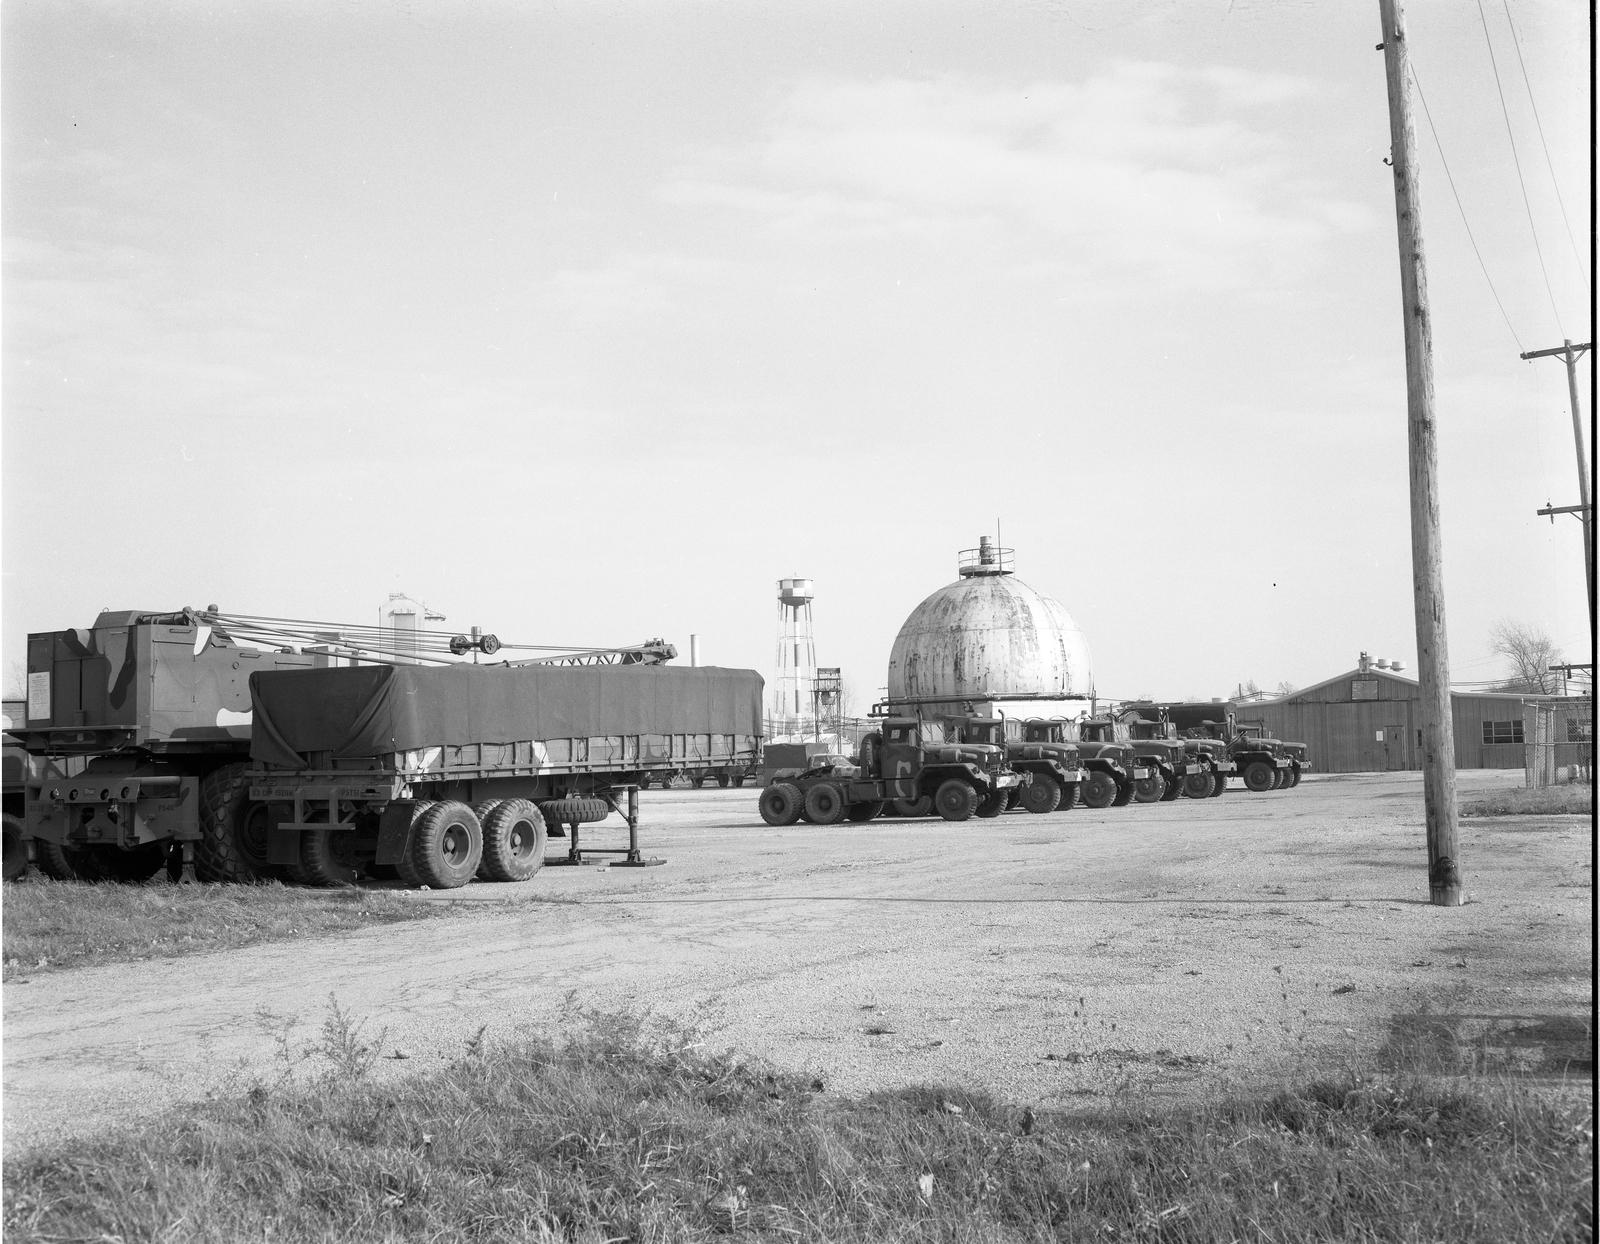 NASA PLUM BROOK STATION SANDUSKY OHIO